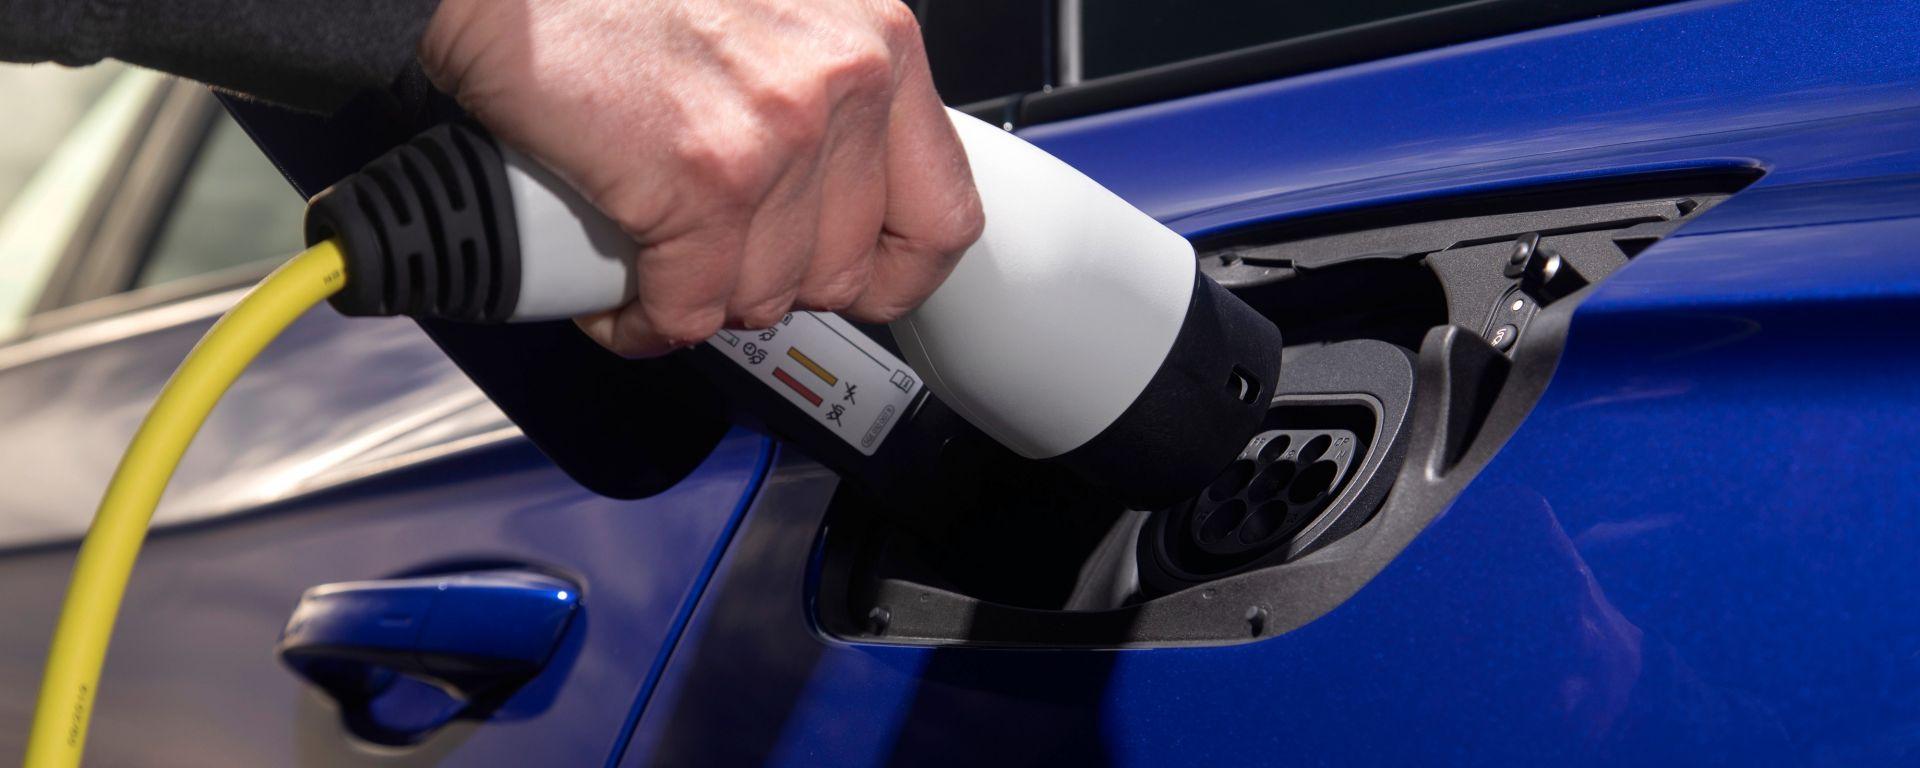 Dopo la Touareg R è in arrivo una nuova plug-in hybrid: la Volkswagen Touareg GTE 2021